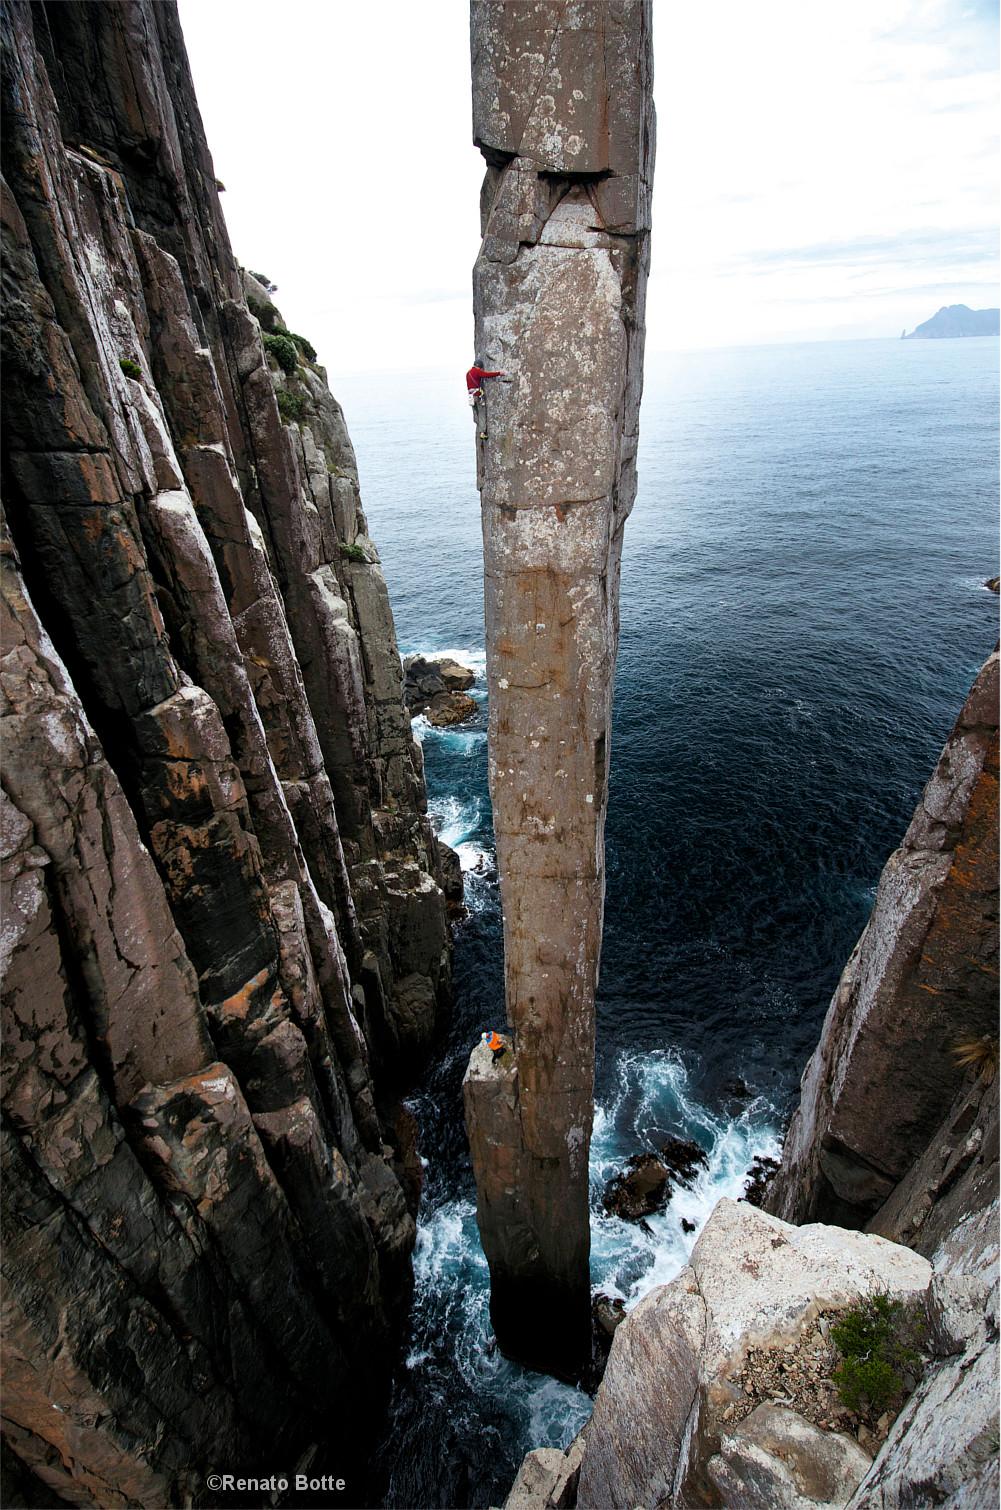 Felsnadel vor der Küste Tasmaniens, Totem Pole, Kletterer